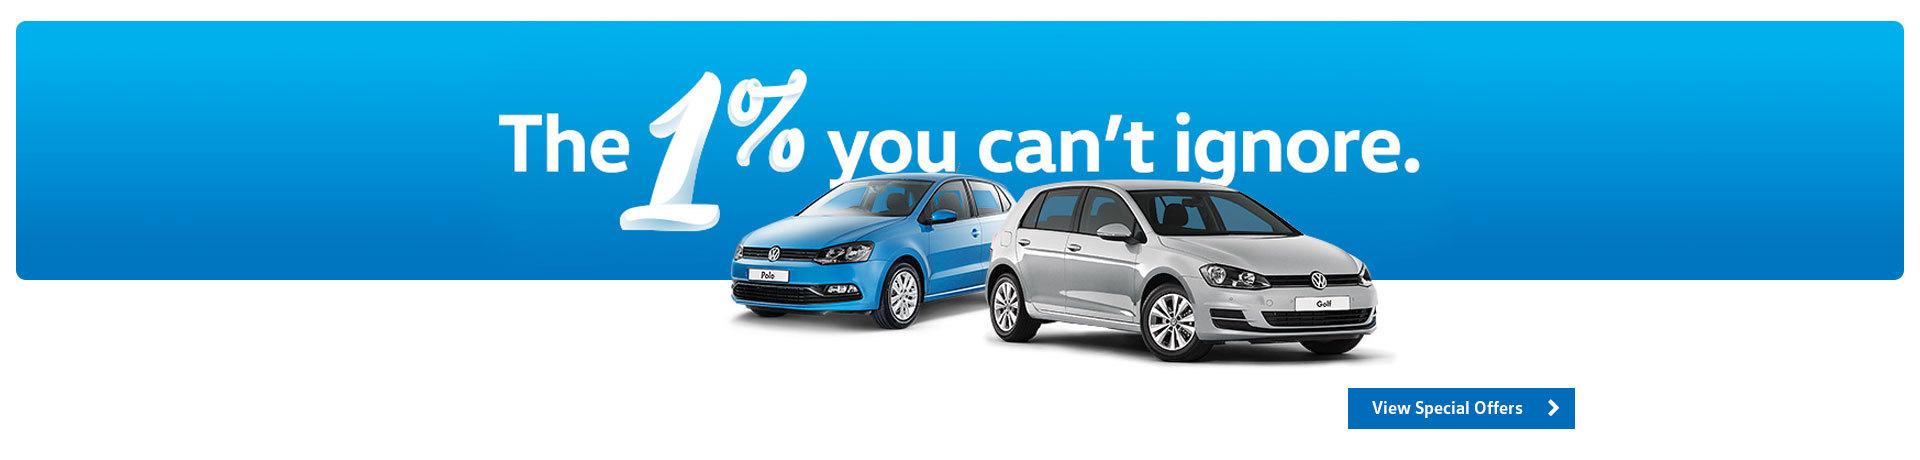 Volkswagen - 1% Finance Offer on Golfs